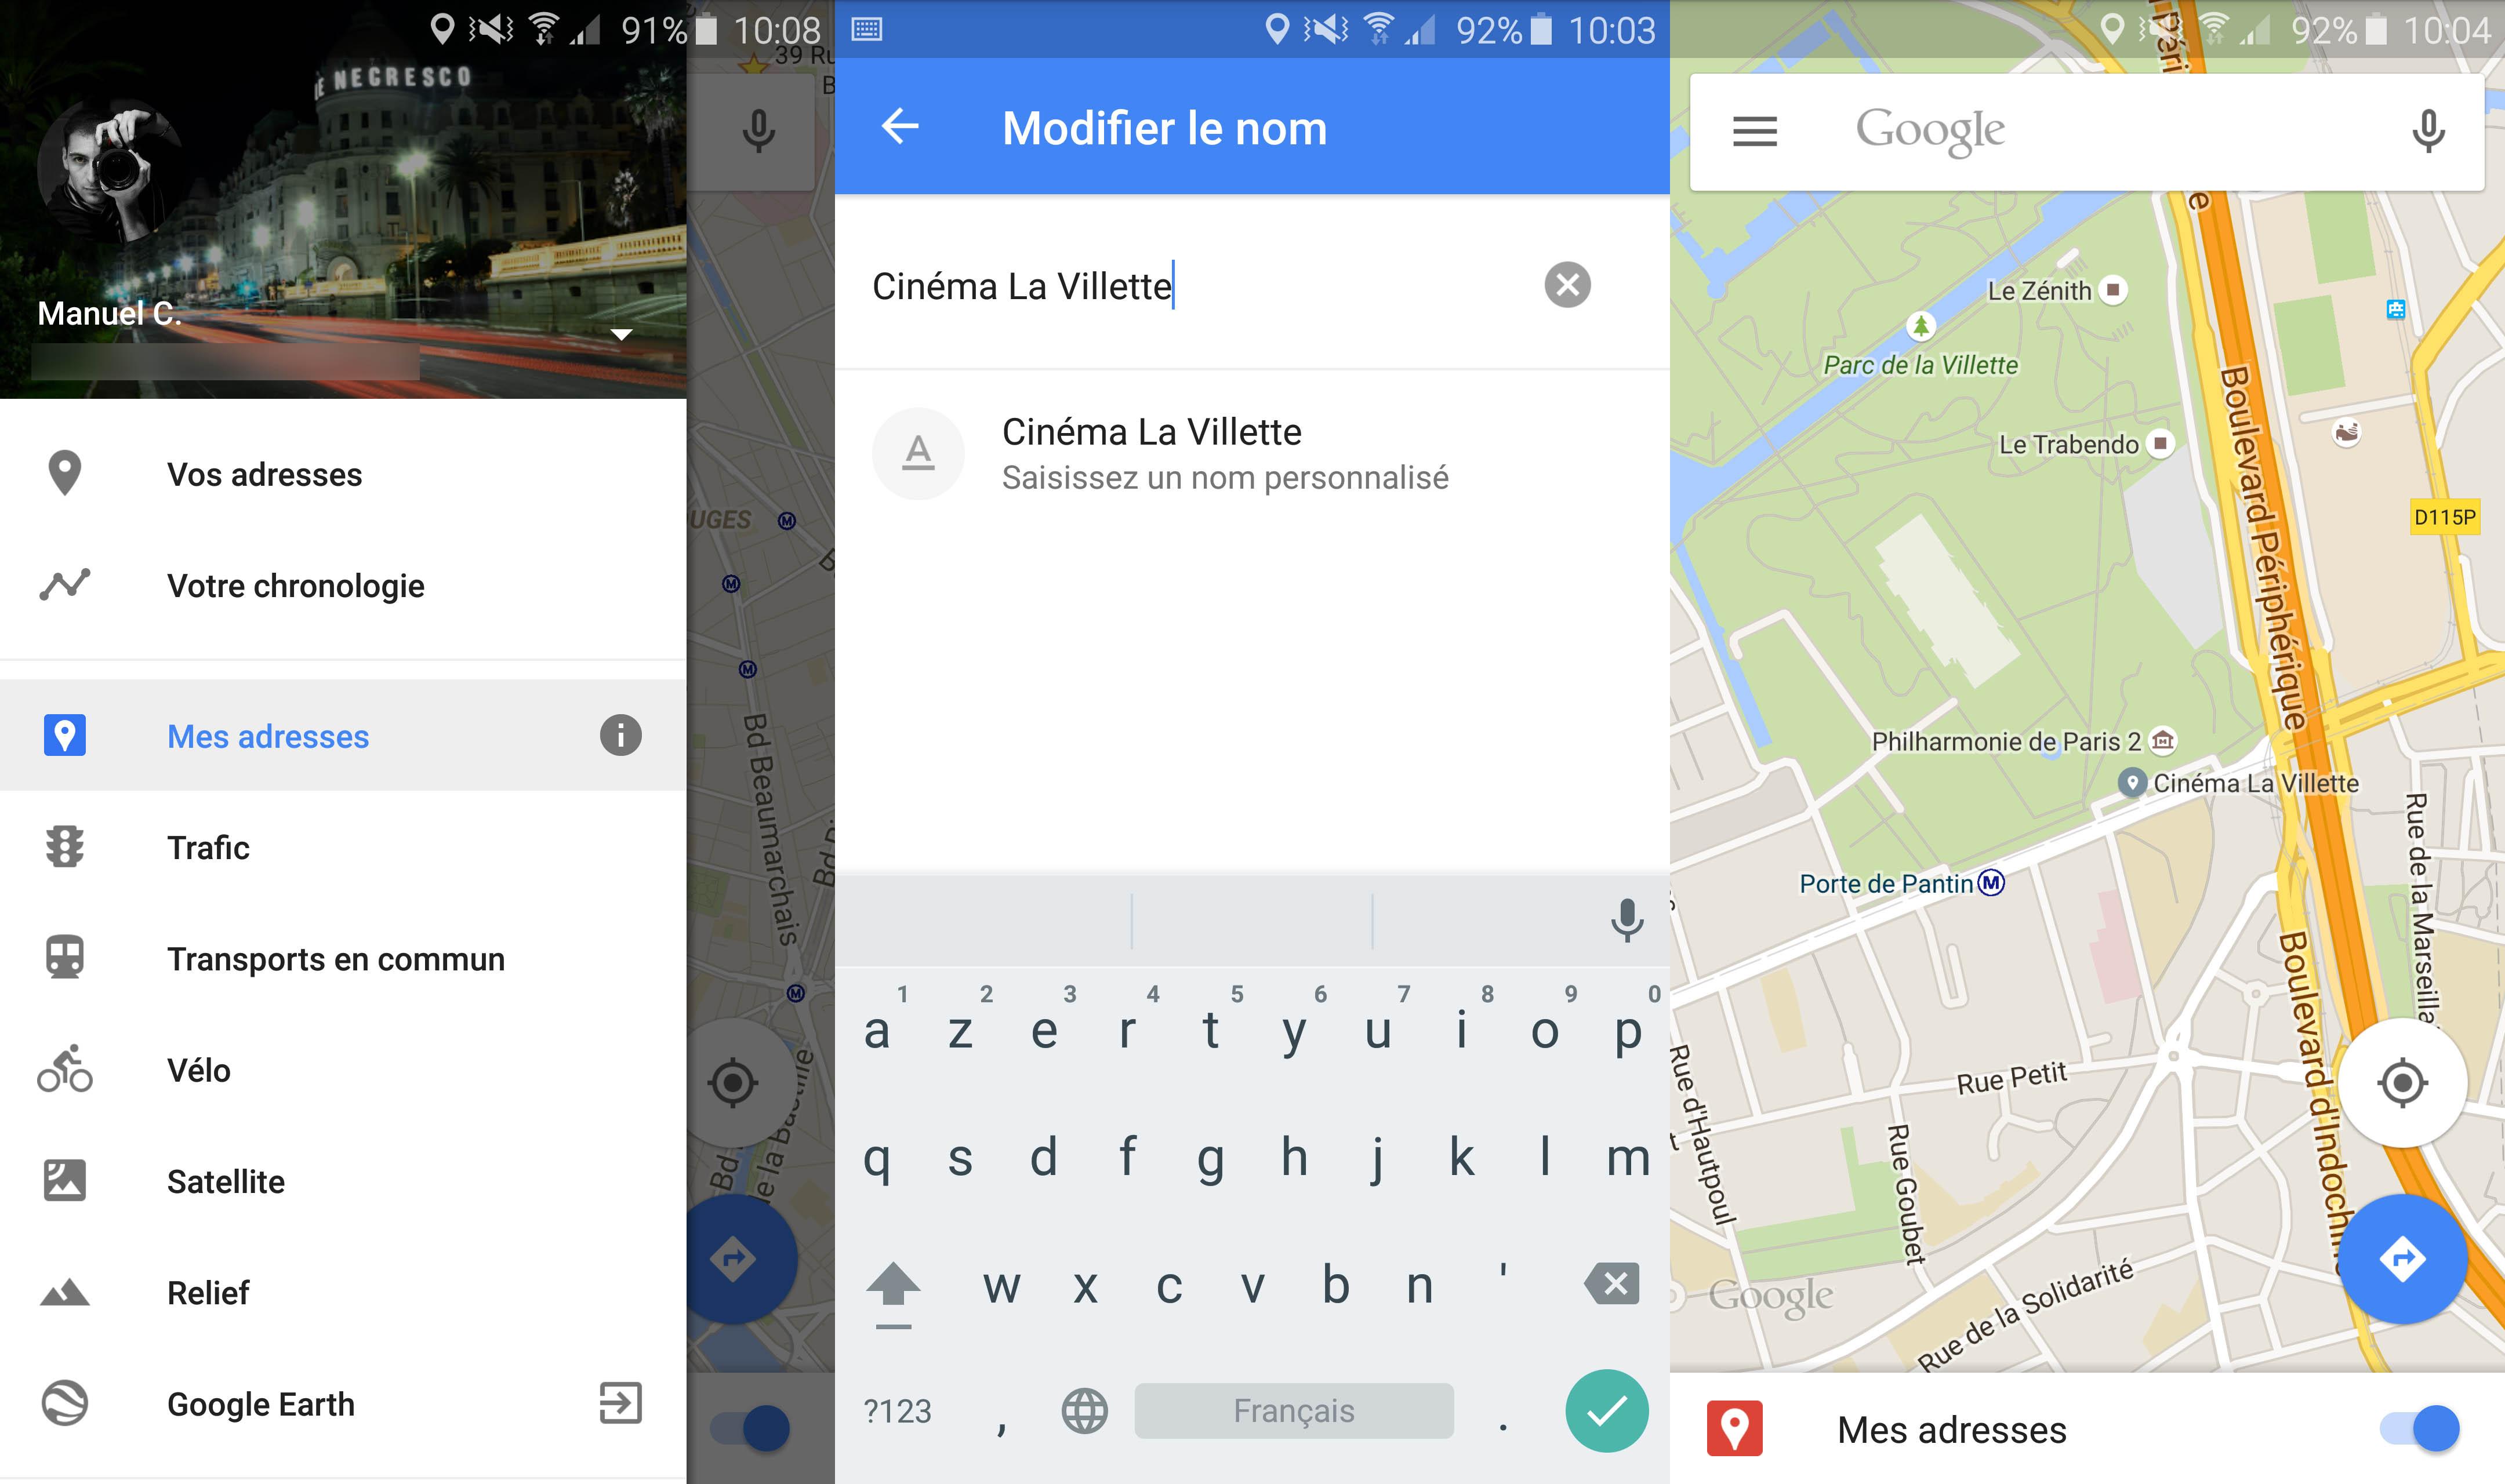 Google Maps 9.12 vous laisse personnaliser le noms des lieux que vous fréquentez